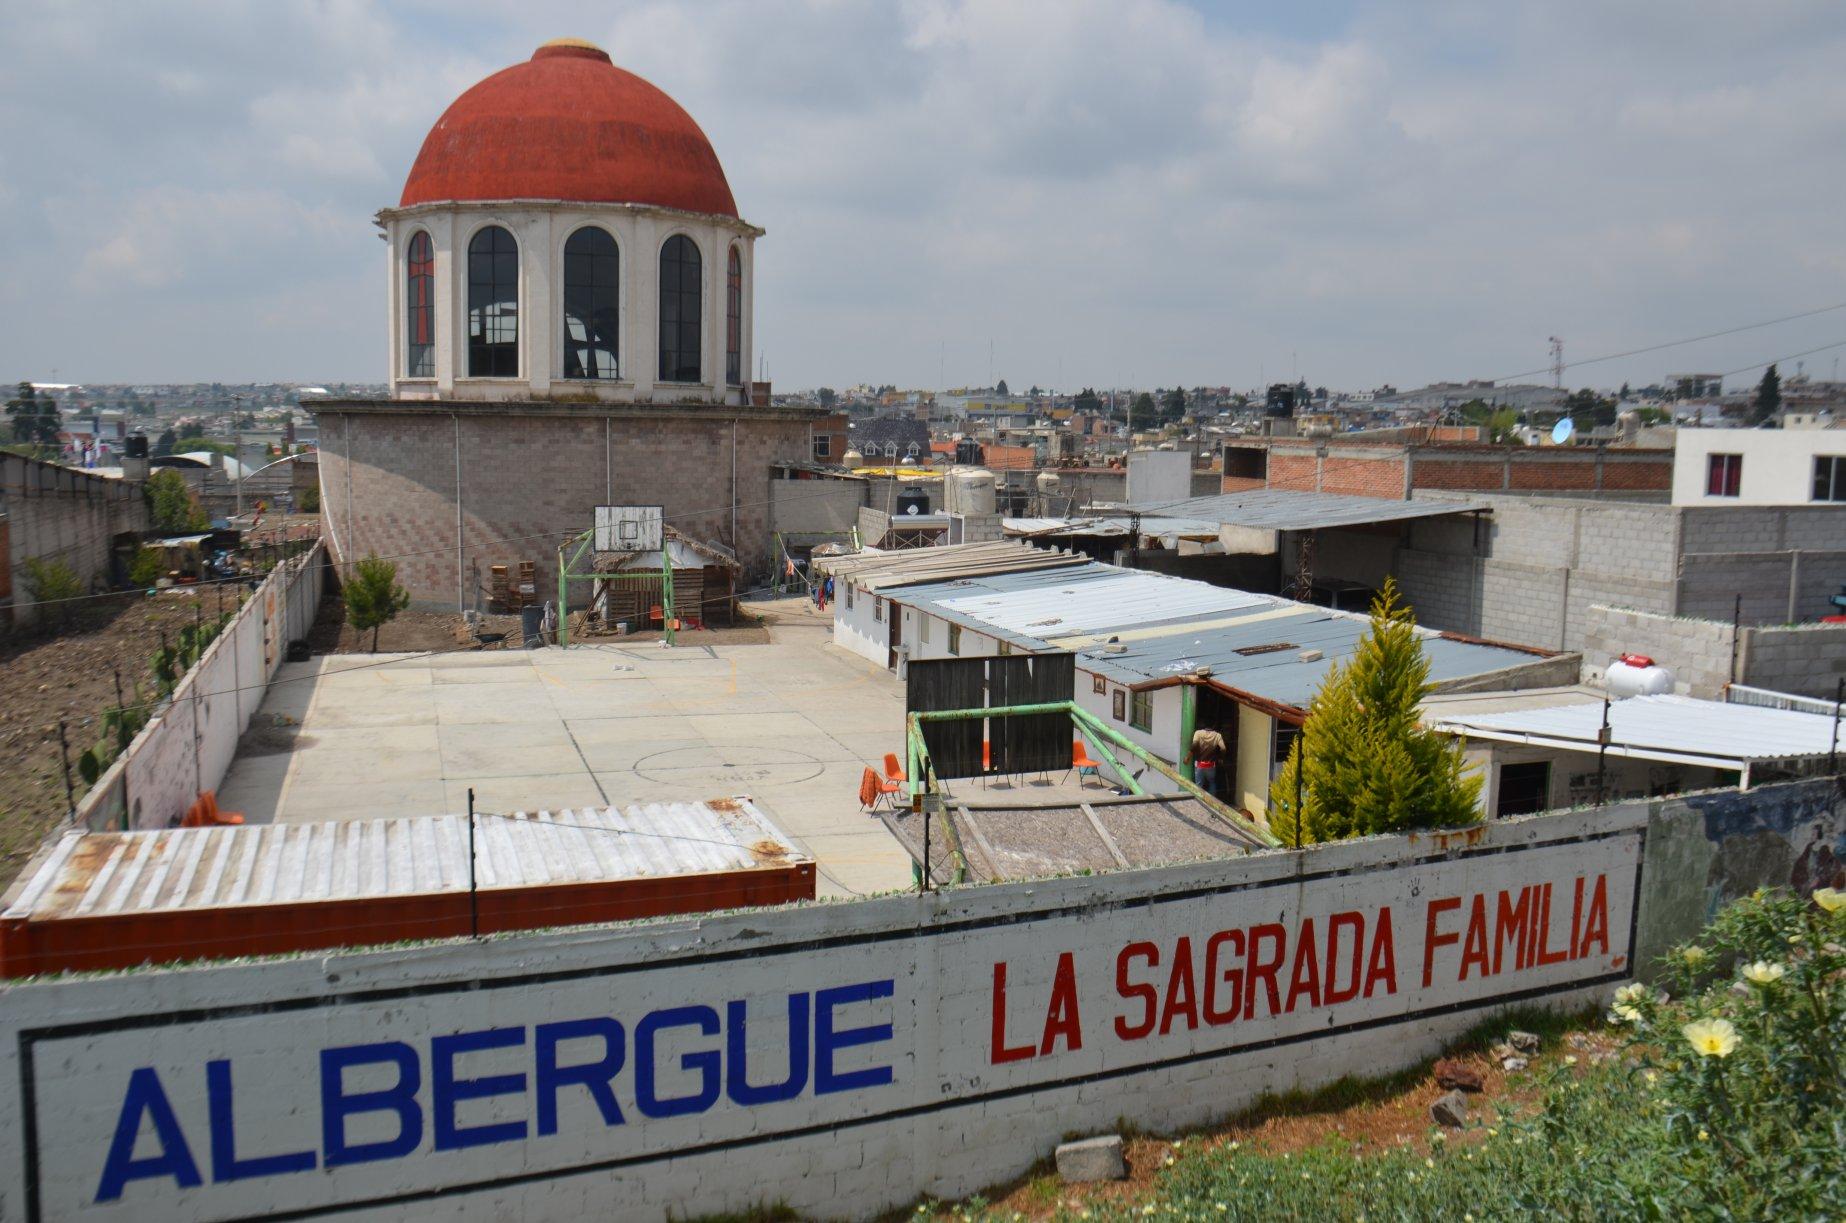 En Tlaxcala obispo reza obispo por migrantes muertos, pide respeto a la dignidad